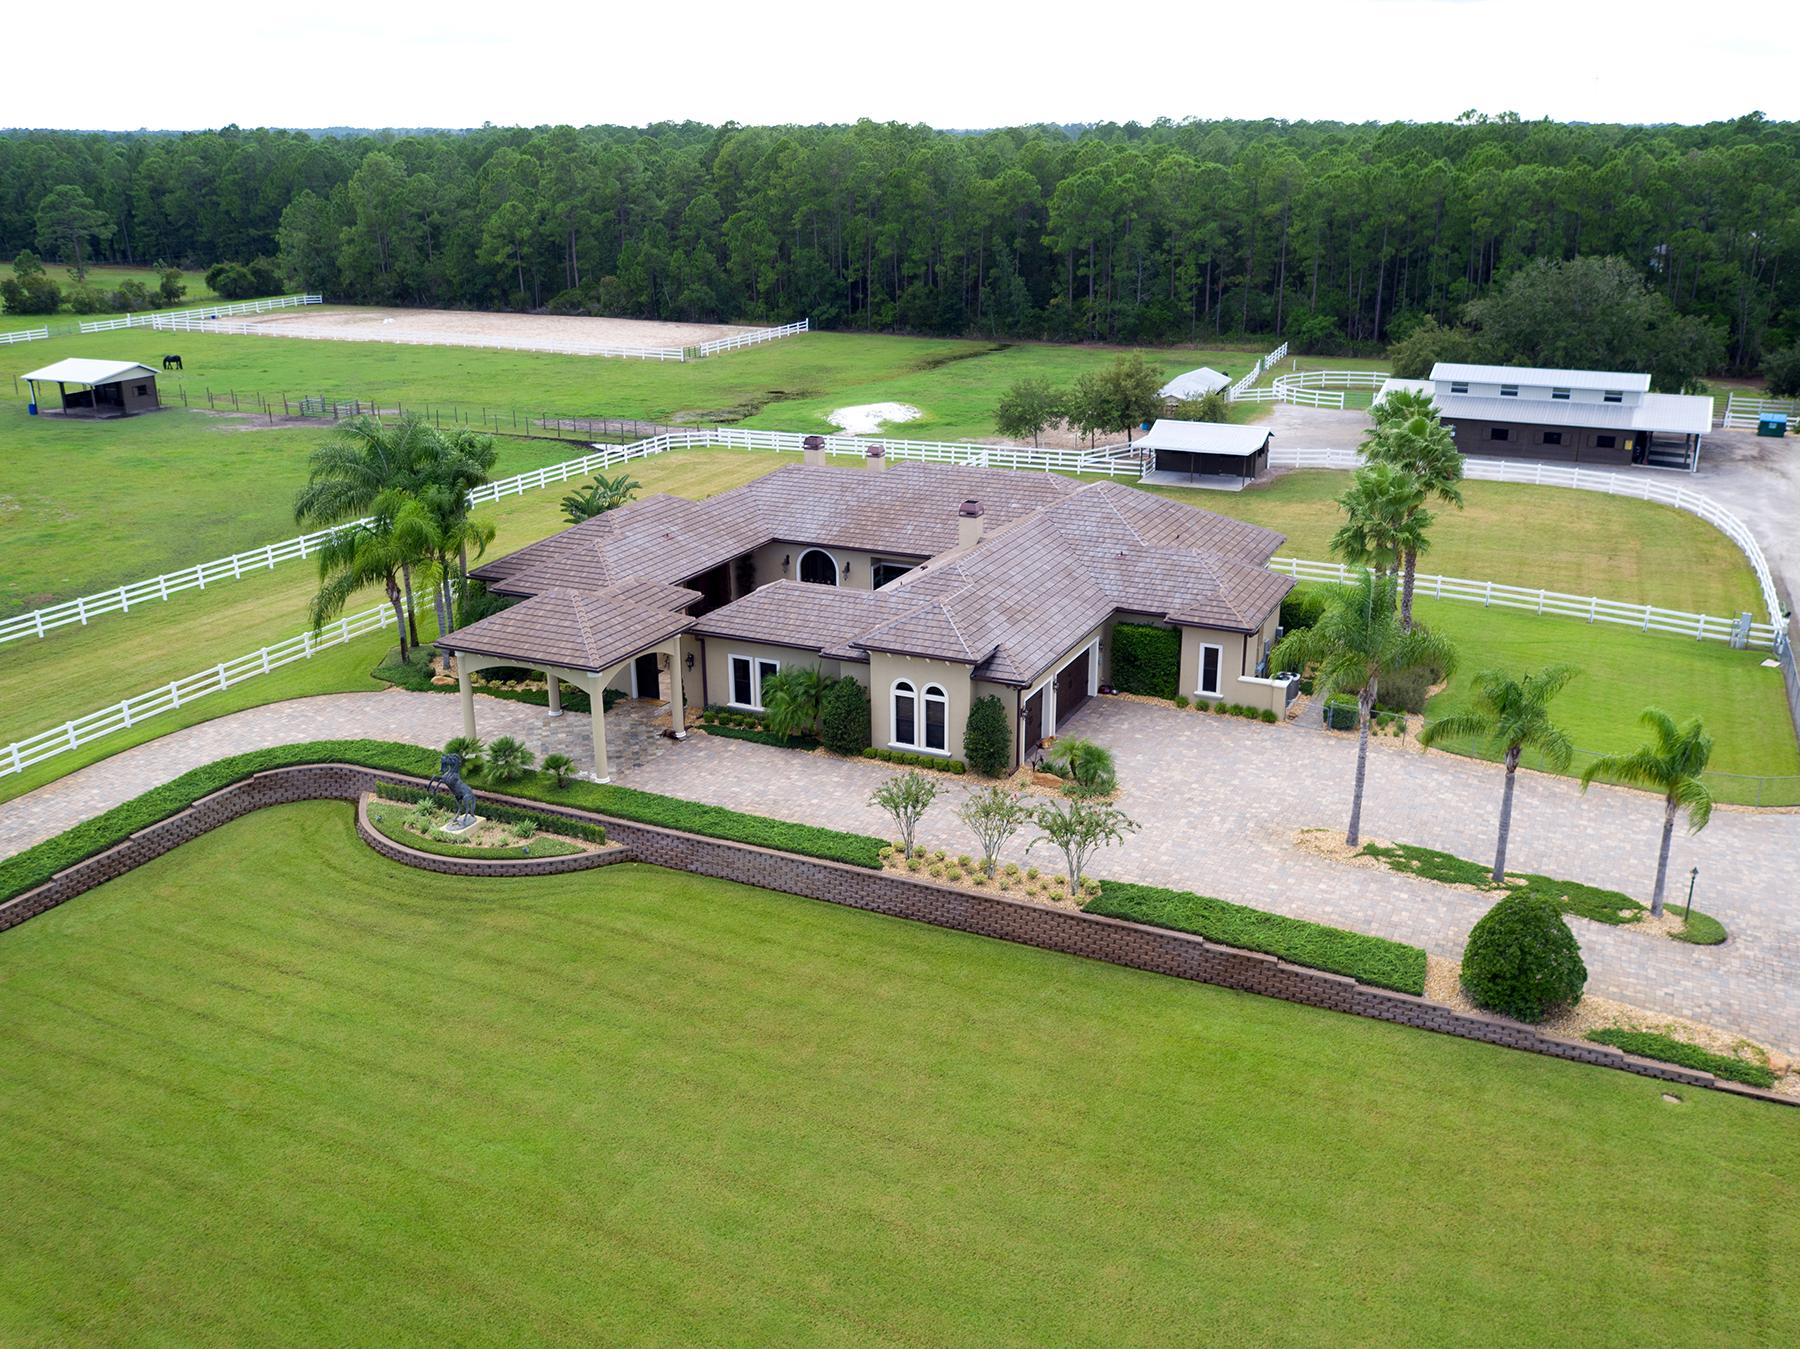 Casa para uma família para Venda às NEW SMYRNA BEACH,FLORIDA 330 Spring Forest Dr New Smyrna Beach, Florida, 32168 Estados Unidos